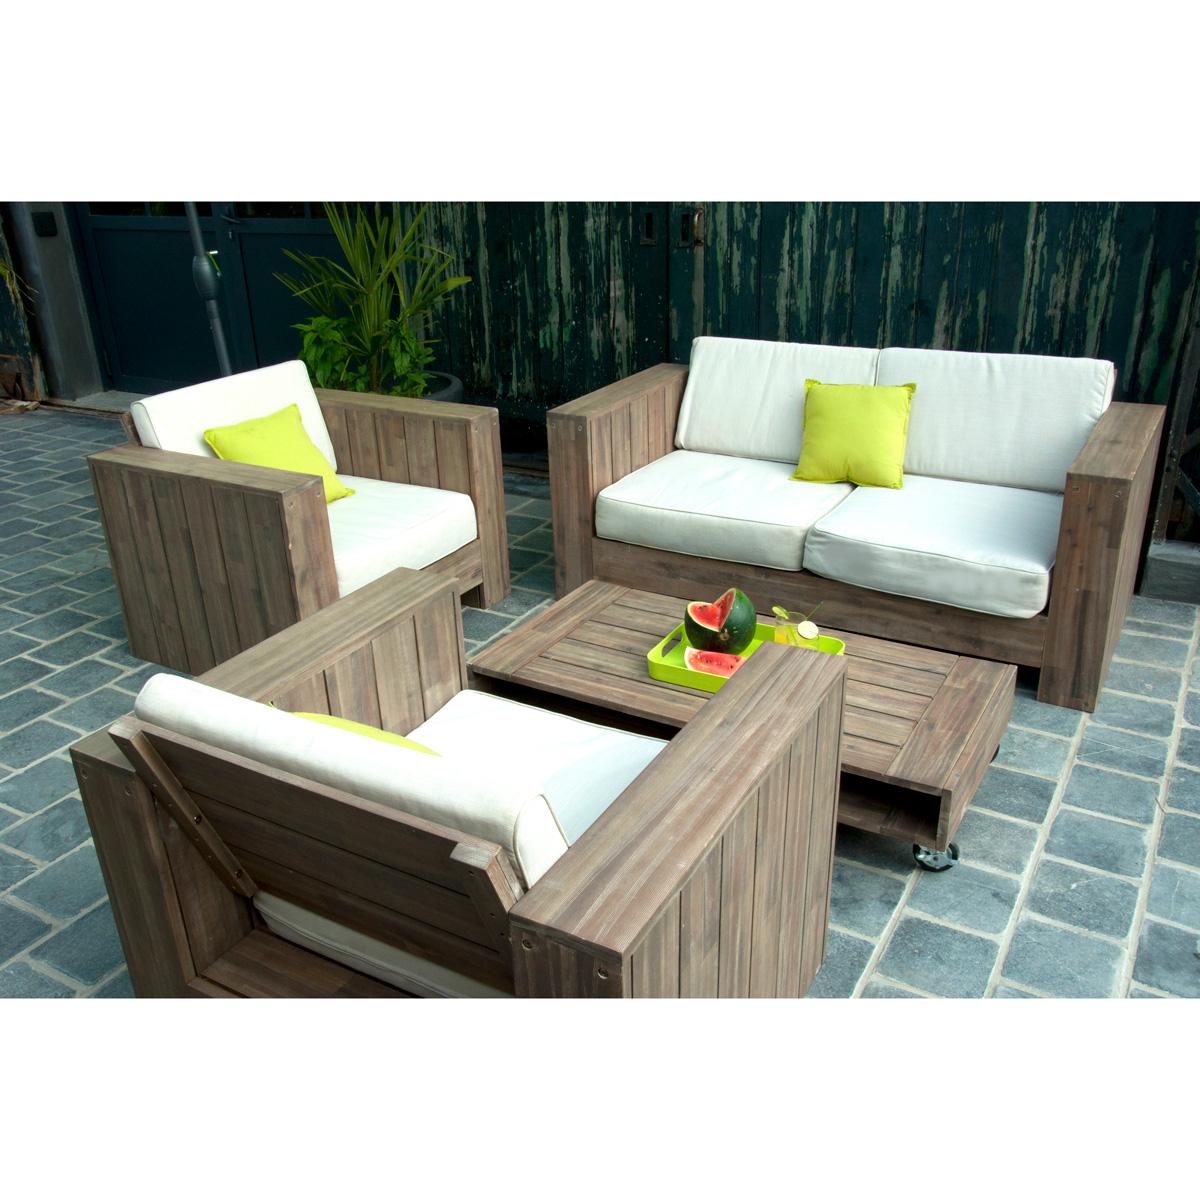 Fauteuil salon de jardin bois - Jardin piscine et Cabane